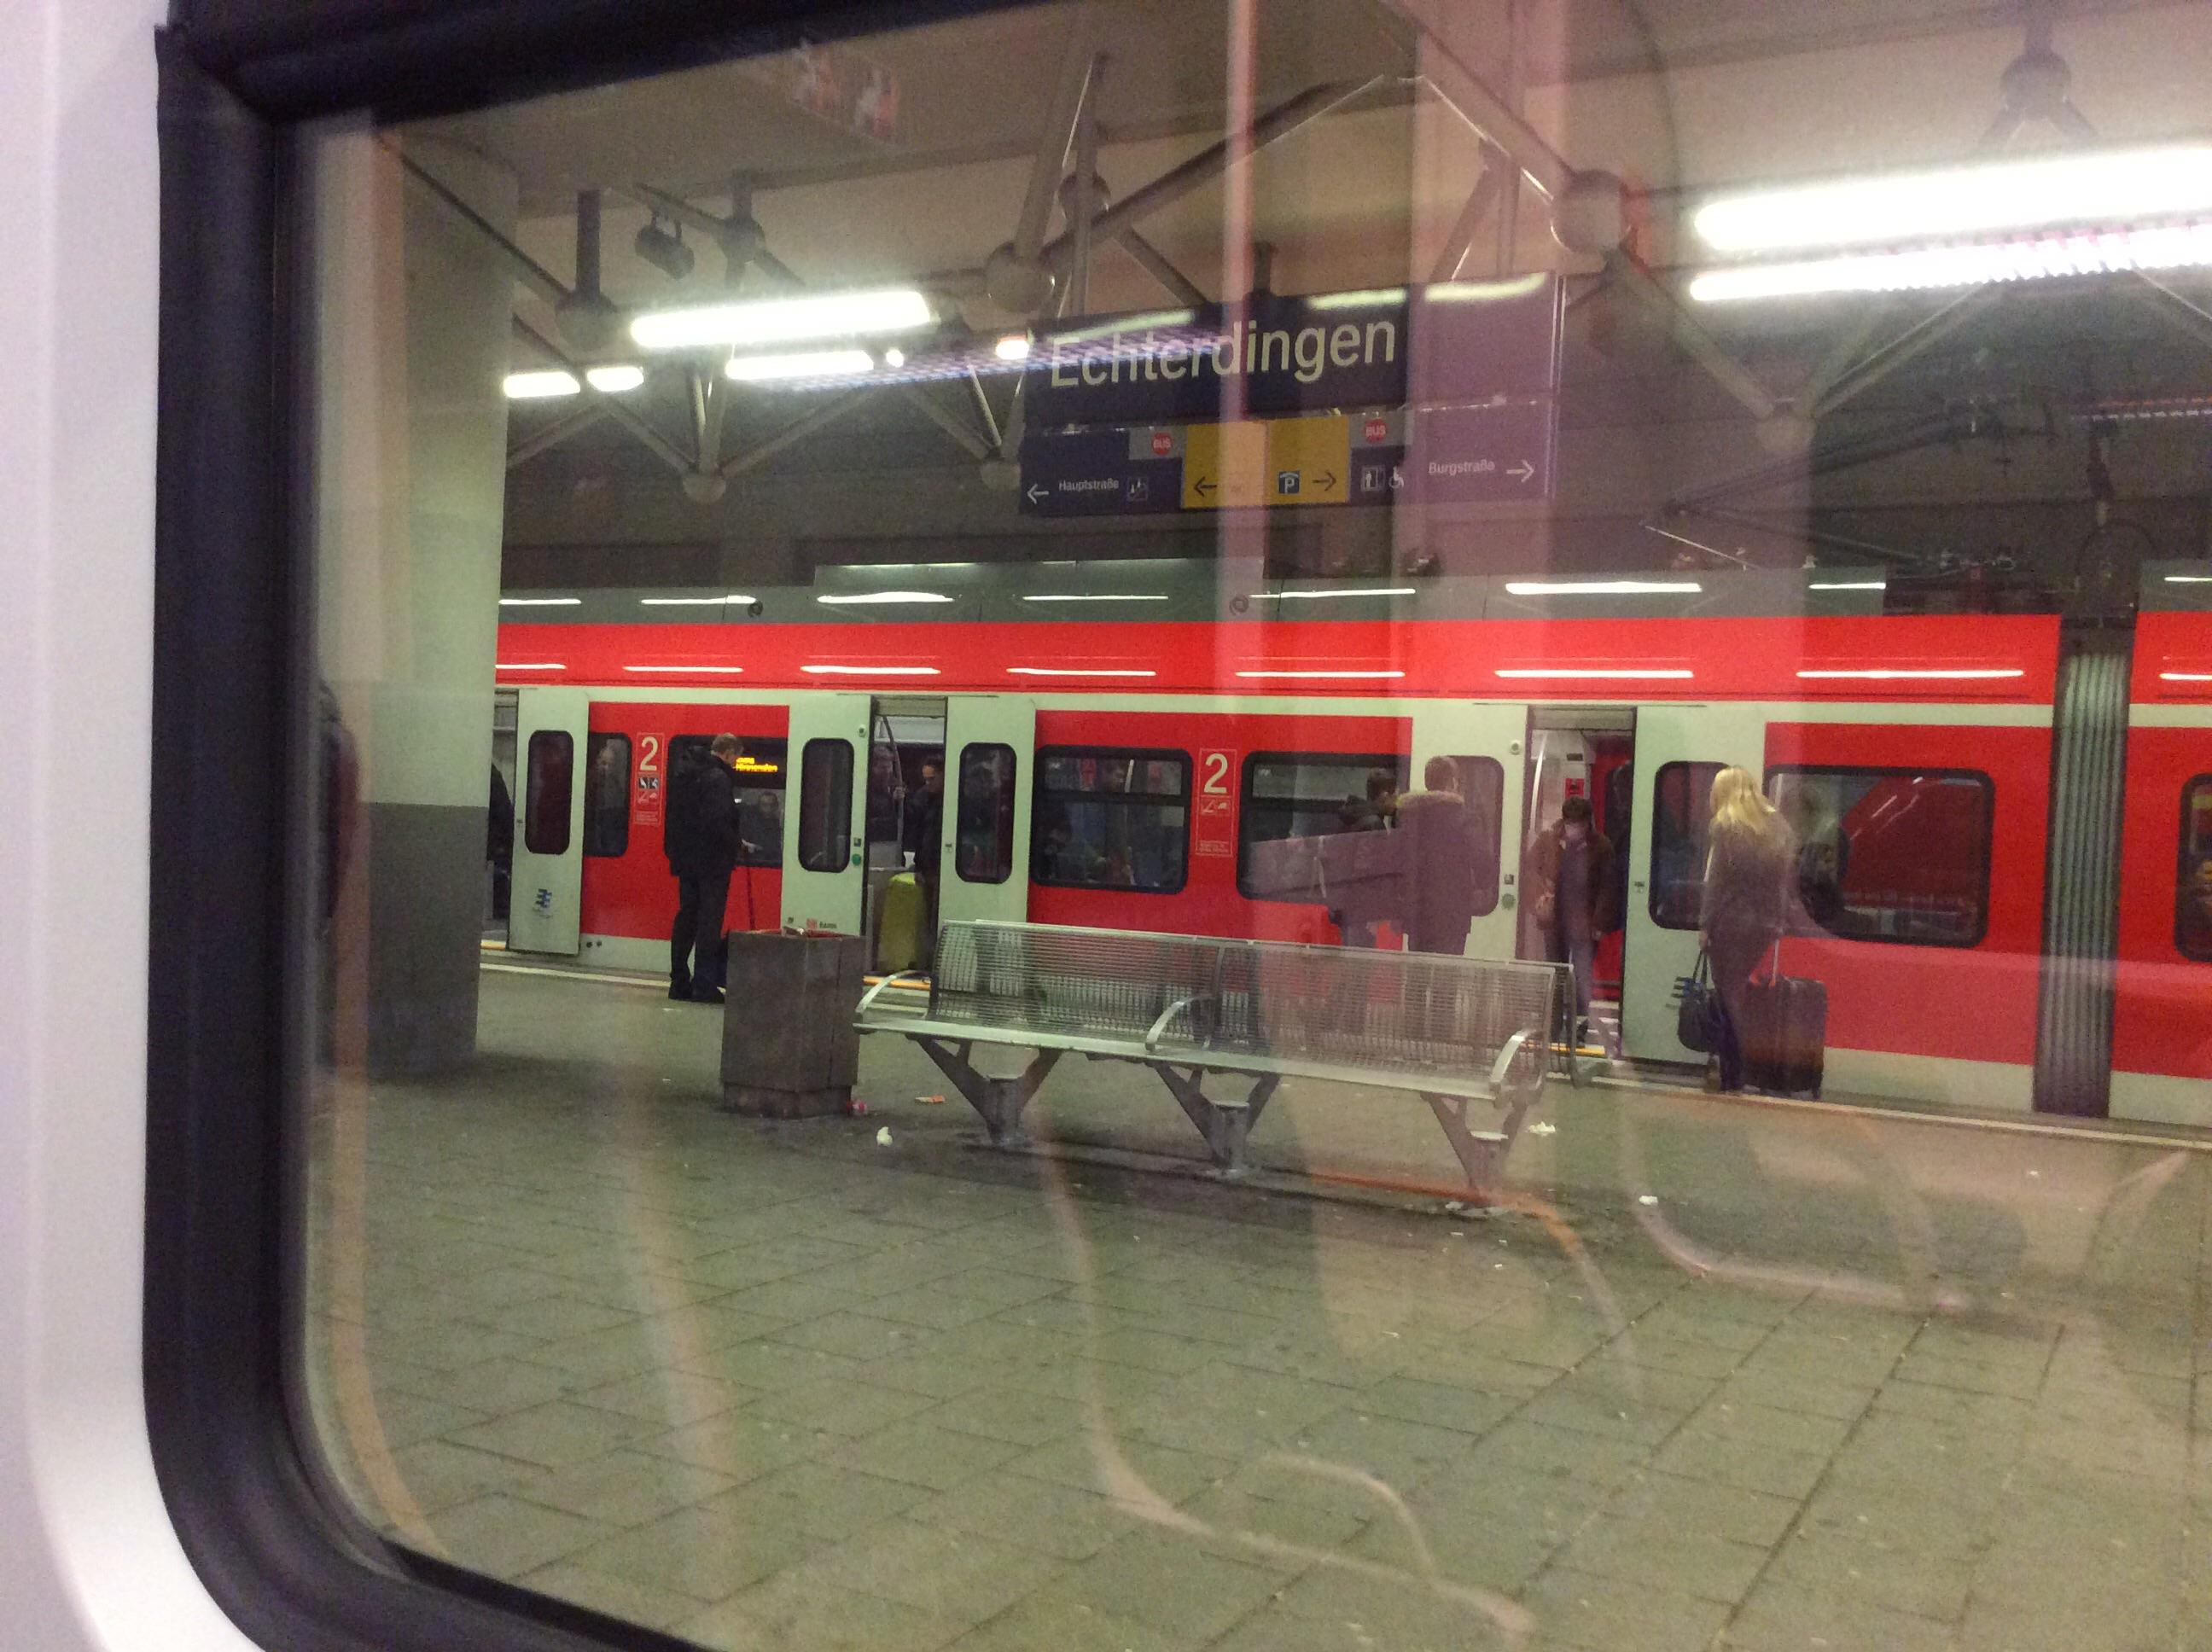 Echterdingen Bahnhof